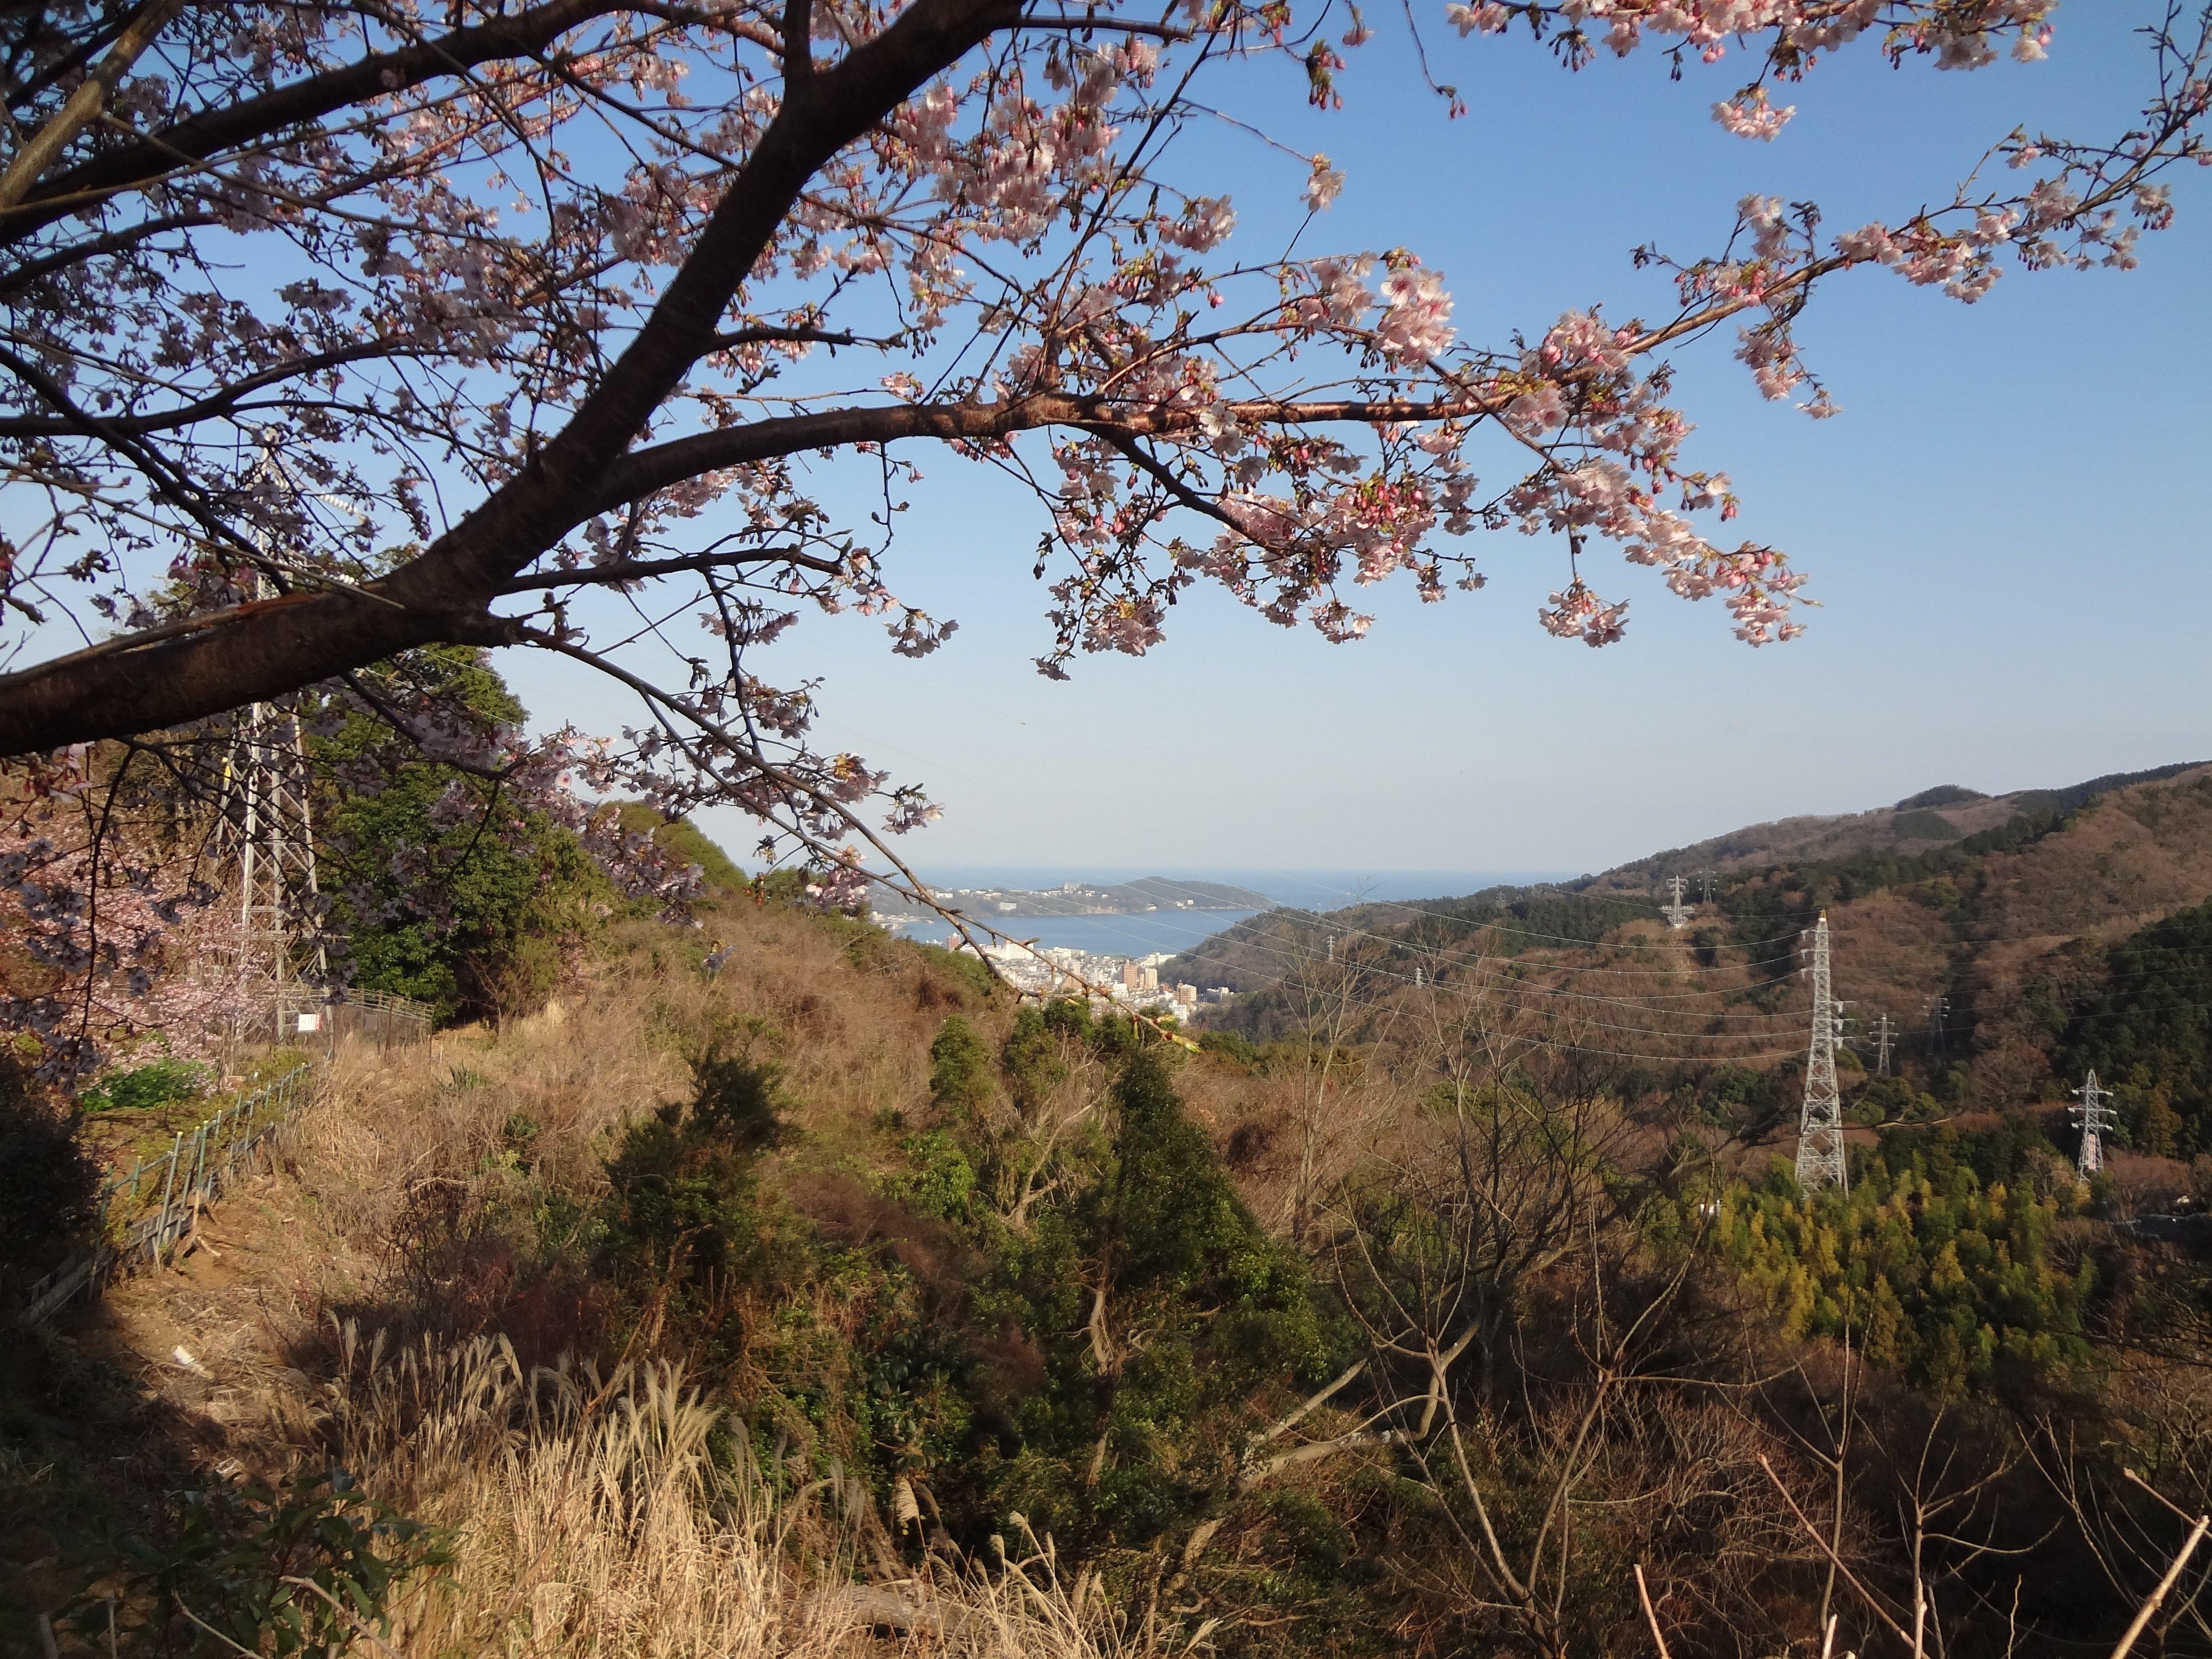 休憩所前のテラスから谷と海を見下ろす